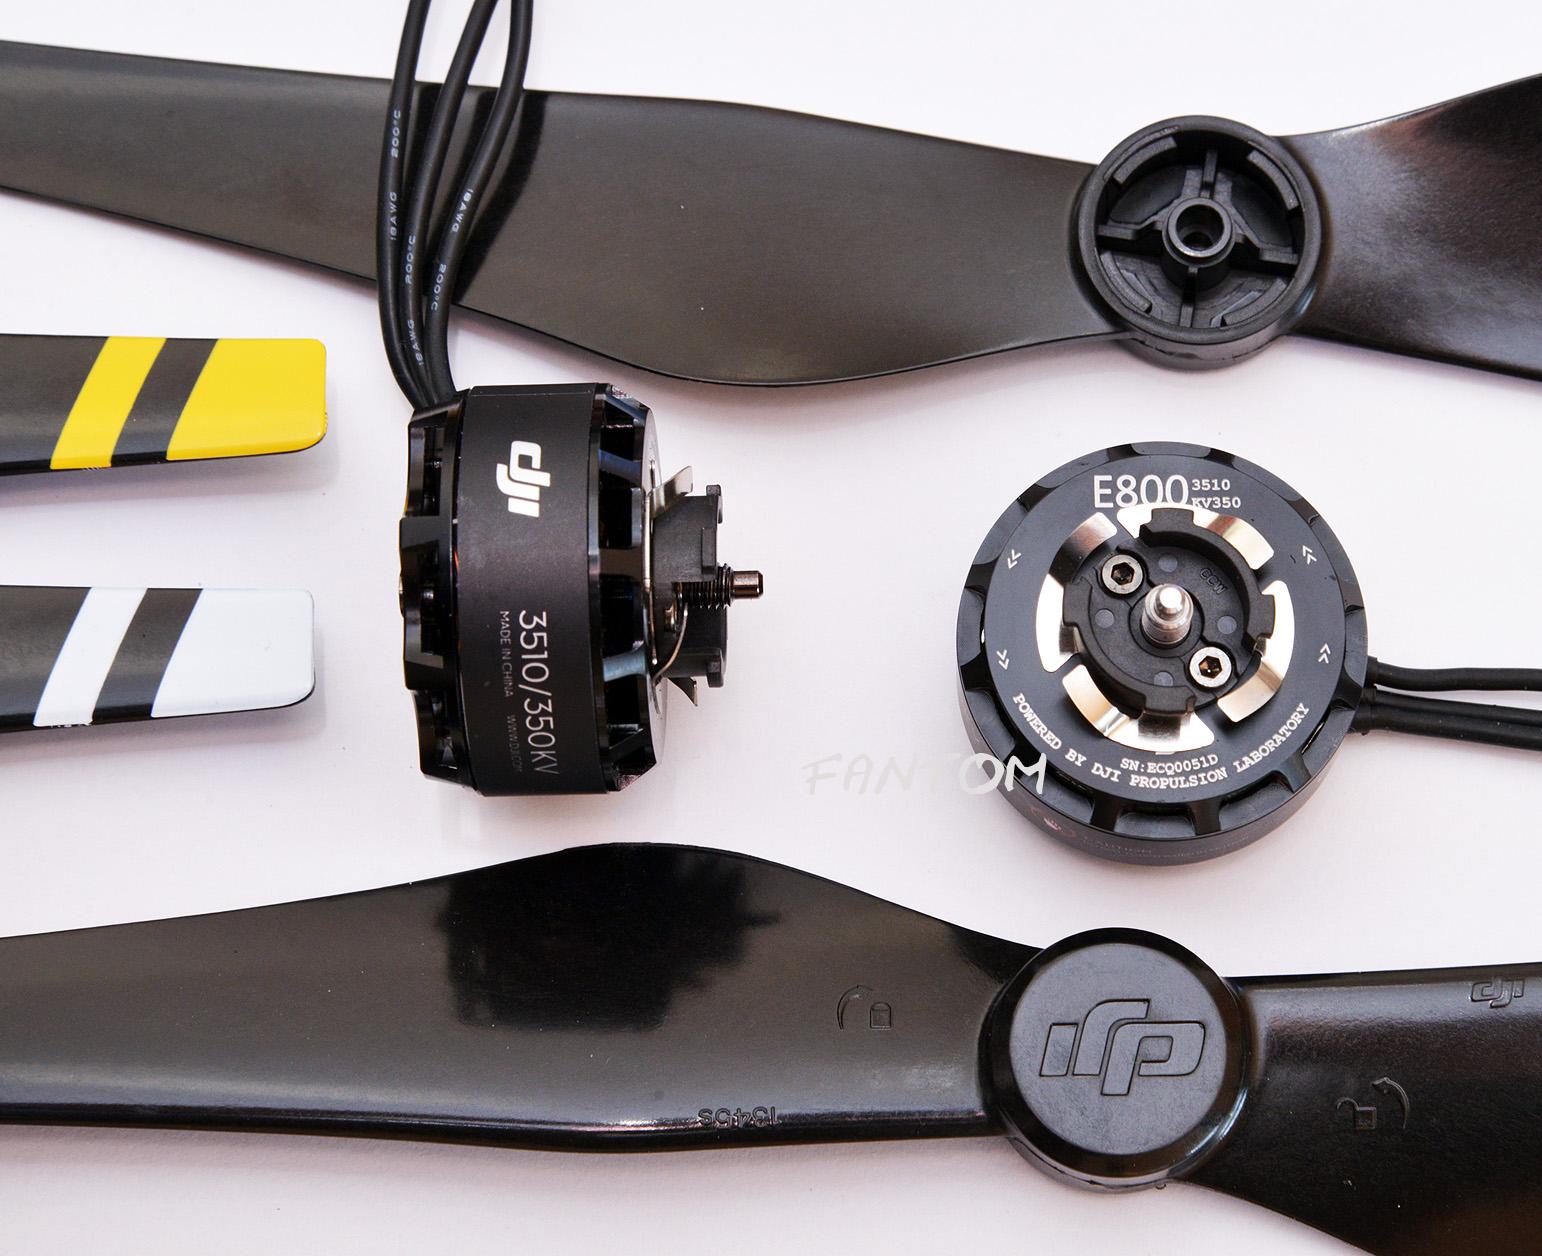 New DJI Propulsion Systems – e310 and e800 – flightbay